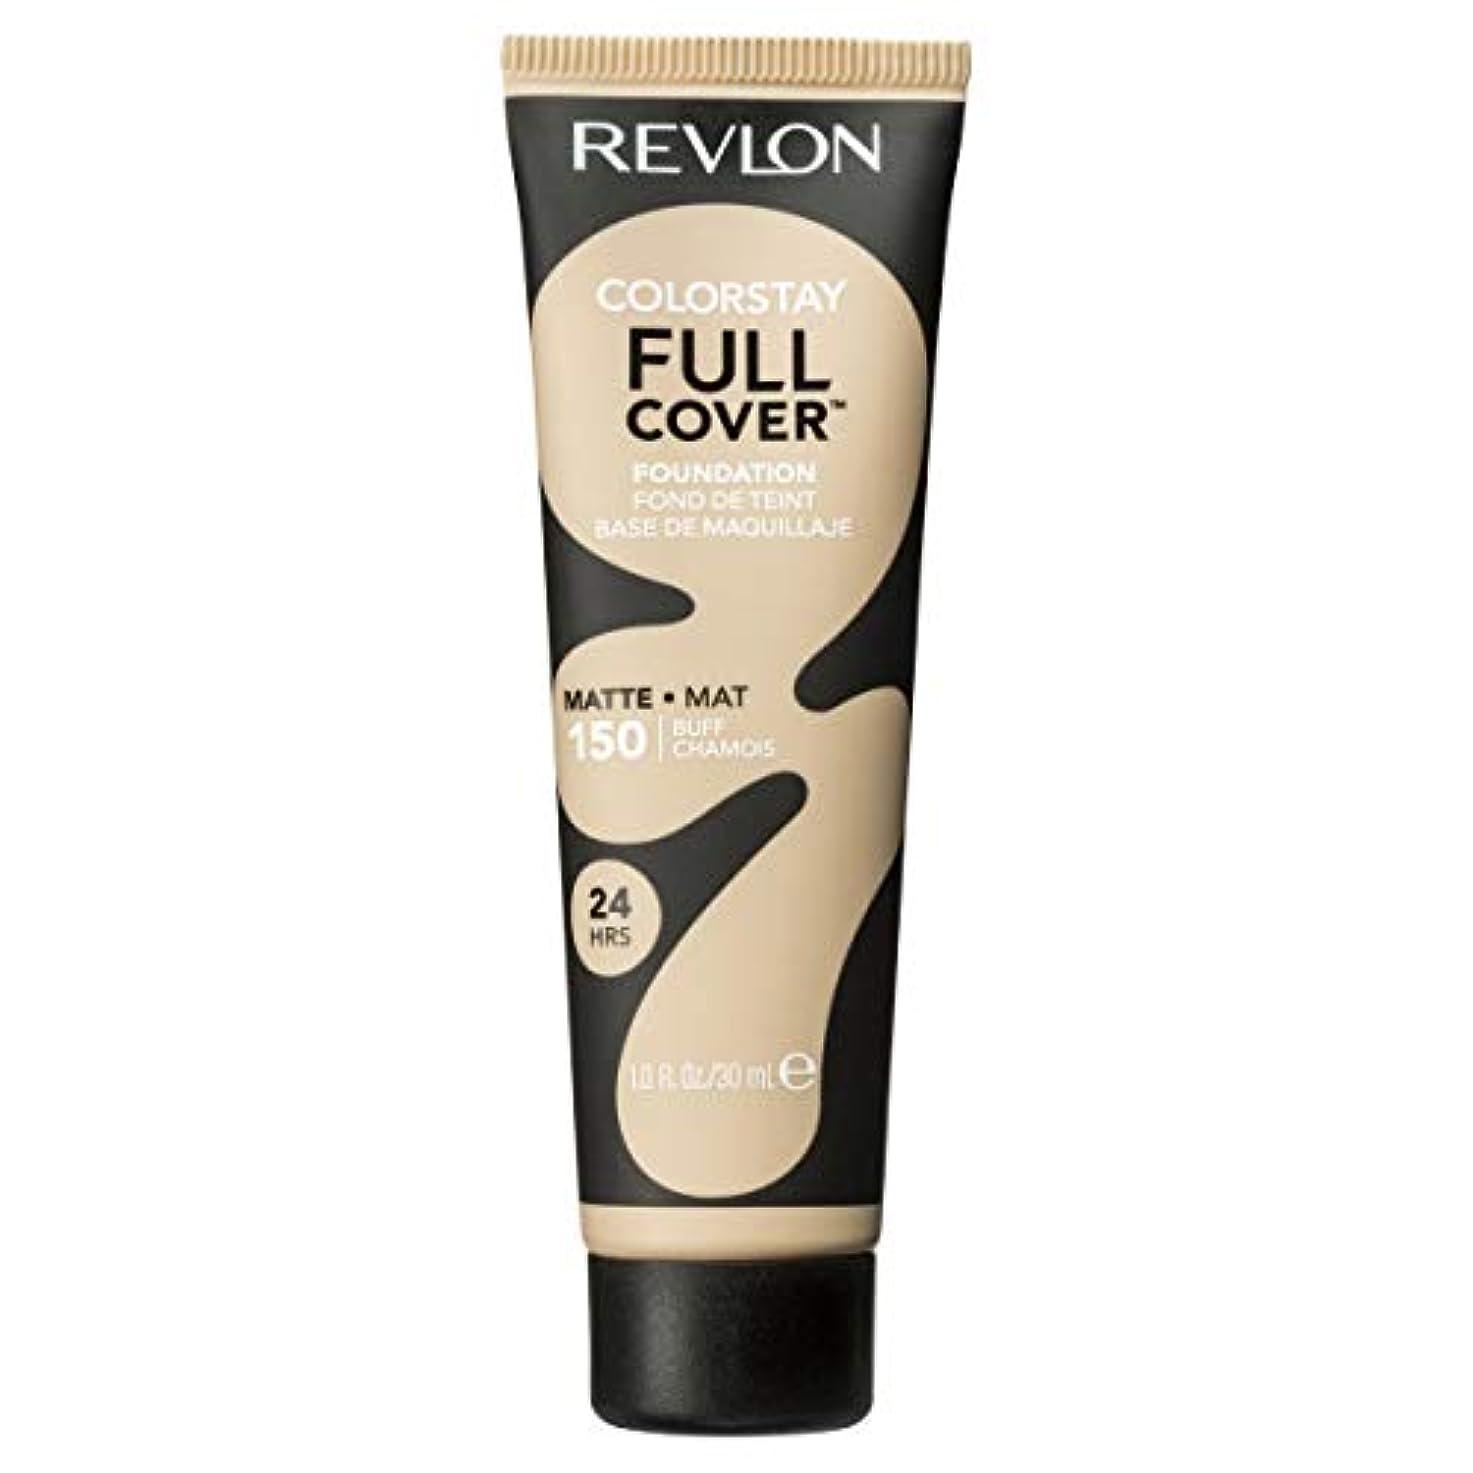 弱点含意辞任する【レブロン.revlon]カラーステイプルカバーファンデーション(30ml)/ color stay full cover foundation (150 buff)